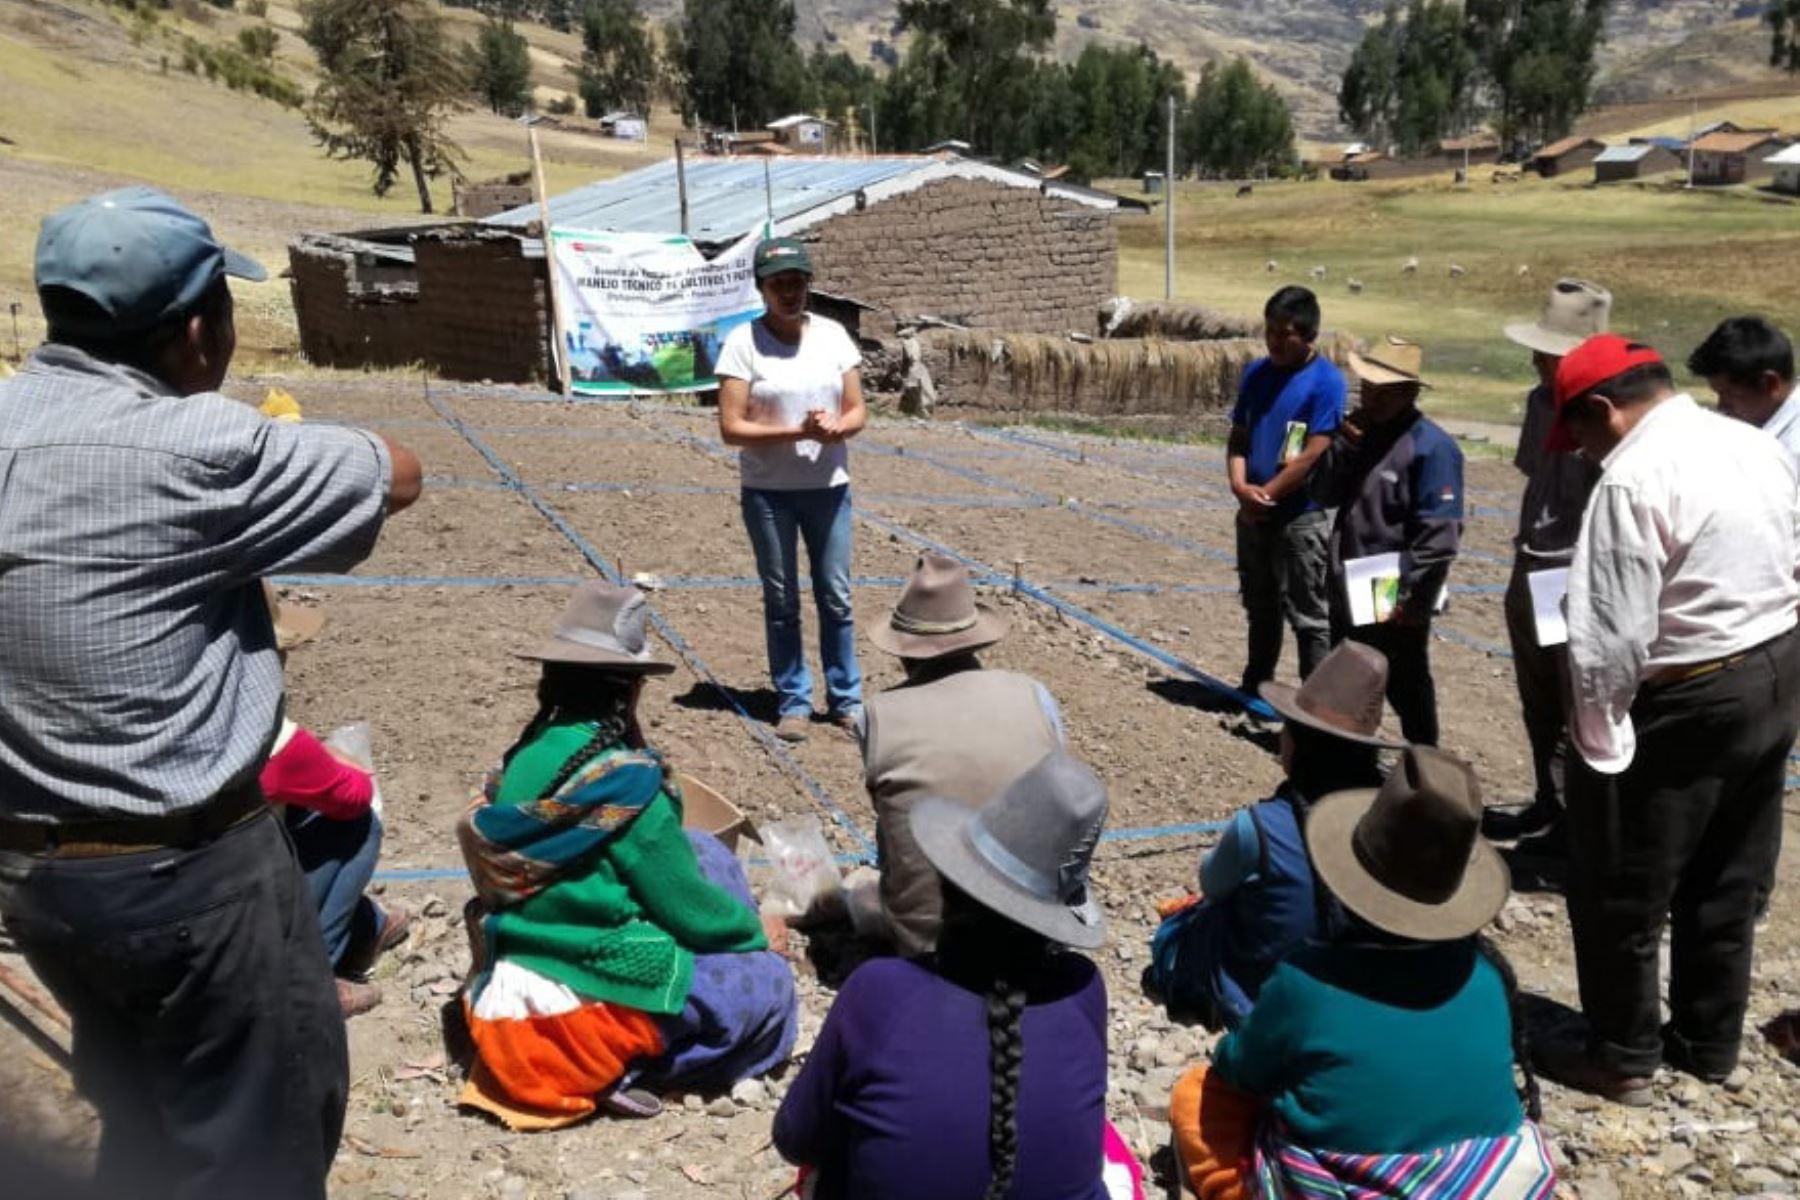 Día del Campesino: Agro Rural capacita a pequeños productores para mejorar su desempeño.